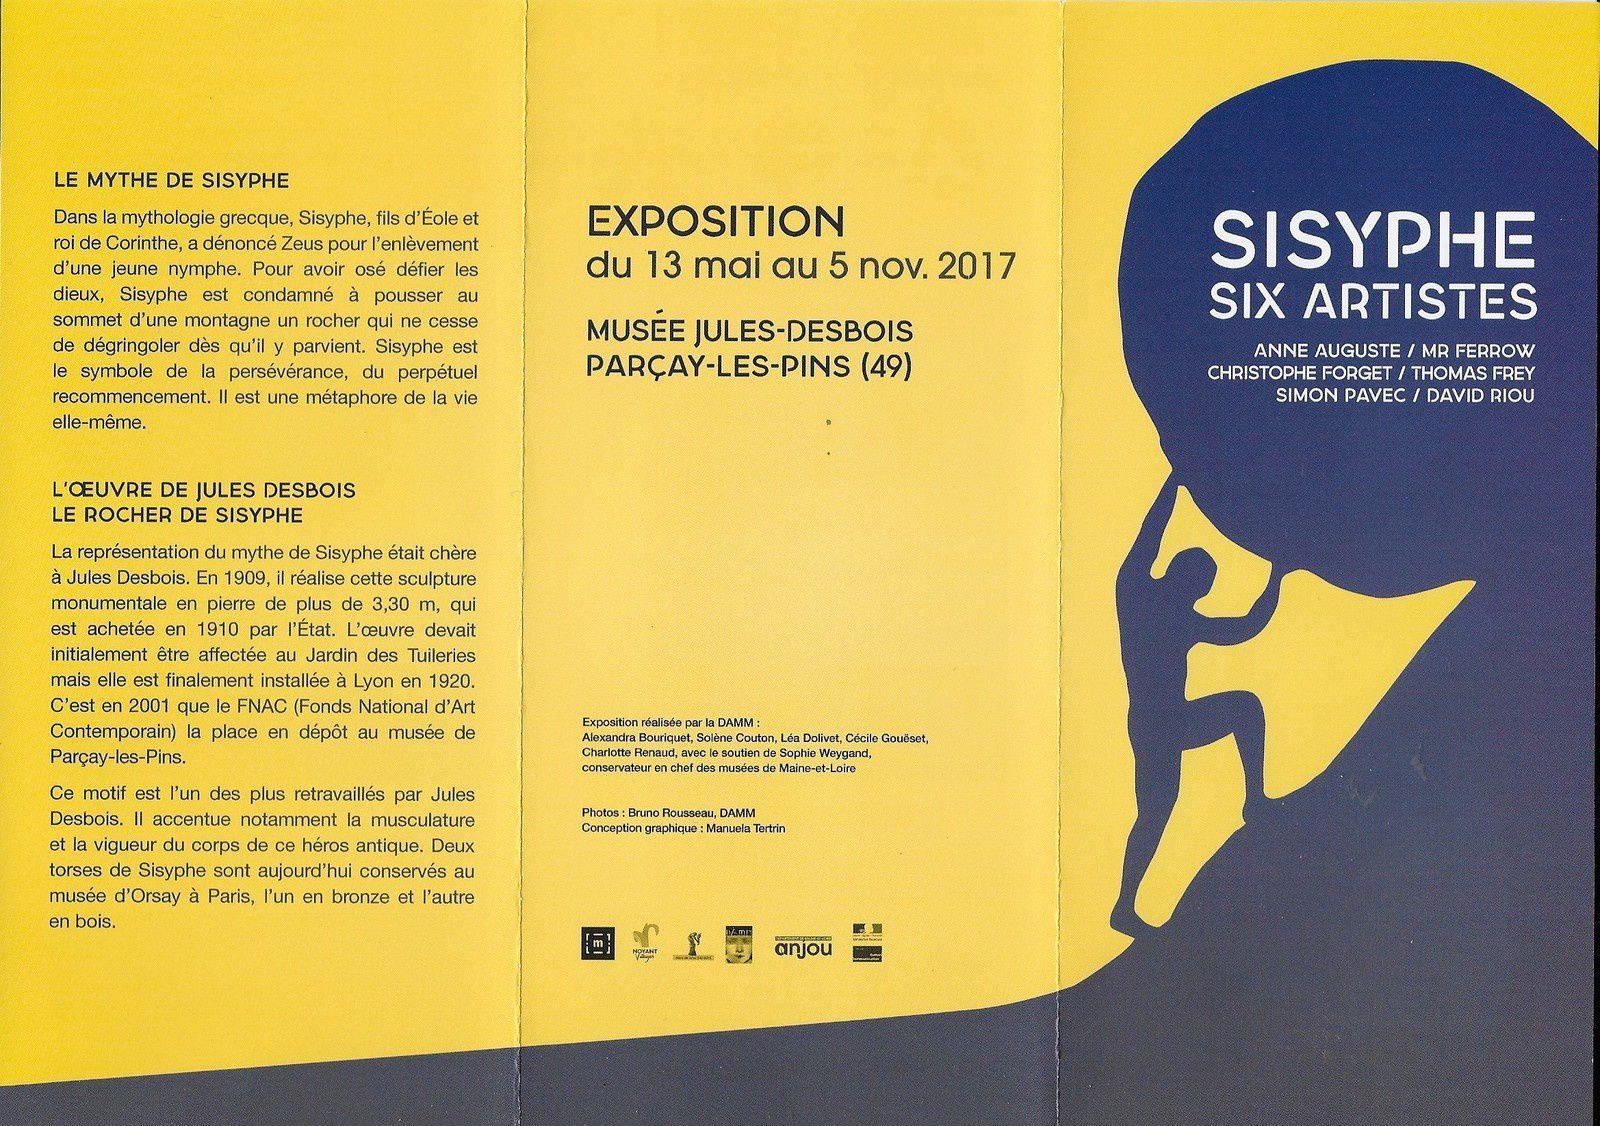 exposition du 13 mai au 5 novembre au musée Jules-Desbois à Parçais les pins (49)